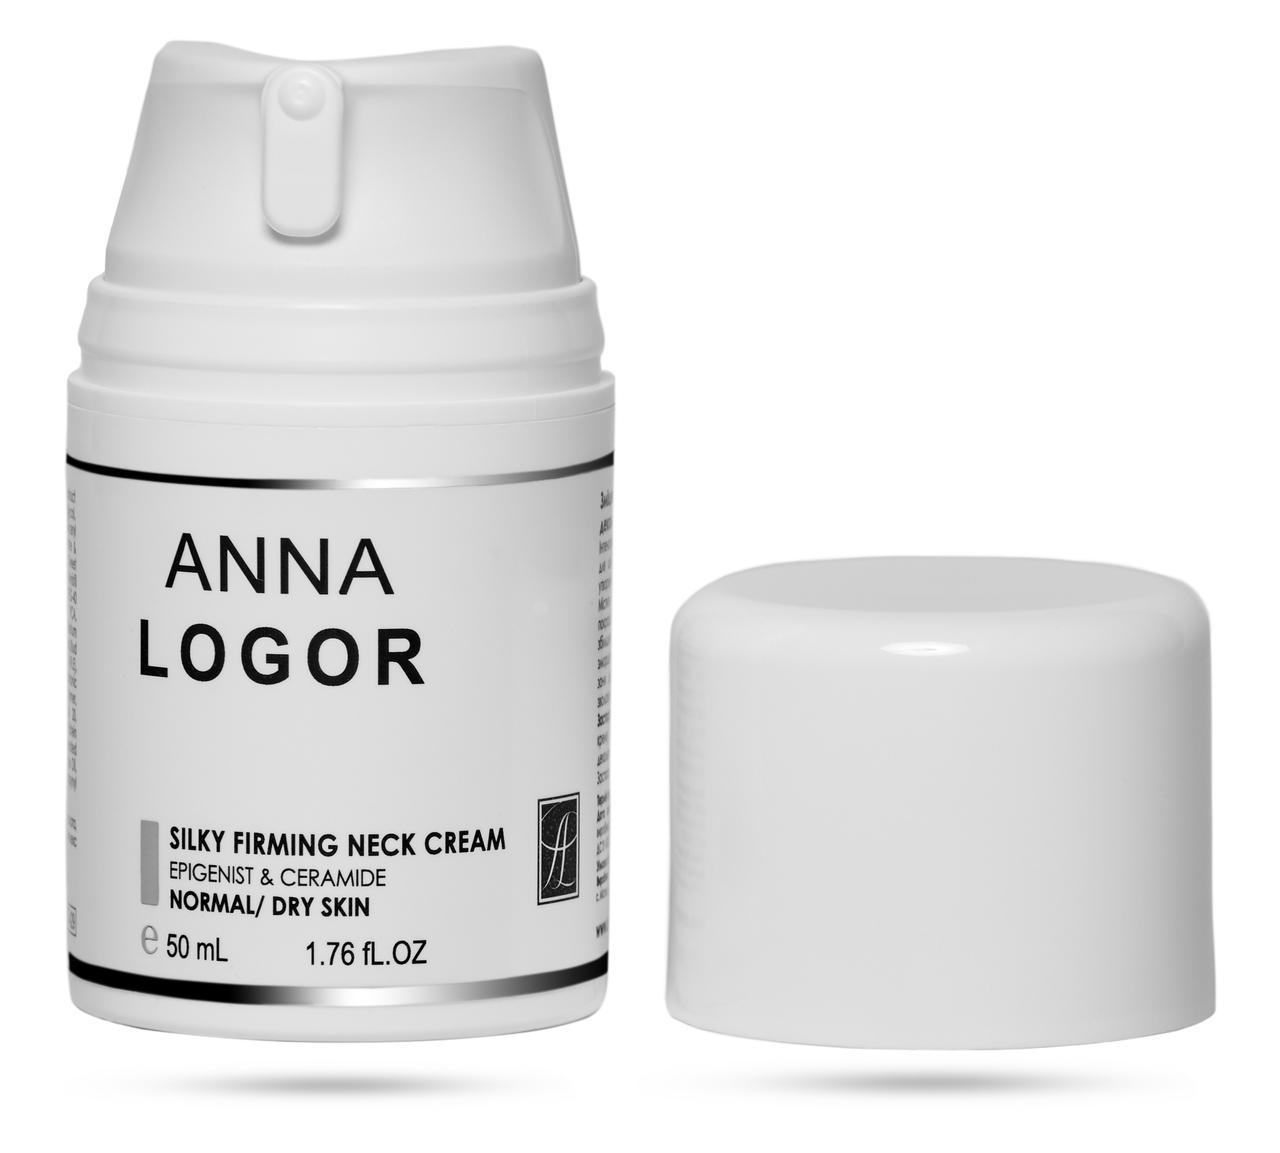 Крем укрепляющий для шеи и декольте Anna LOGOR Silky Firming Neck Cream 50 ml Art.429